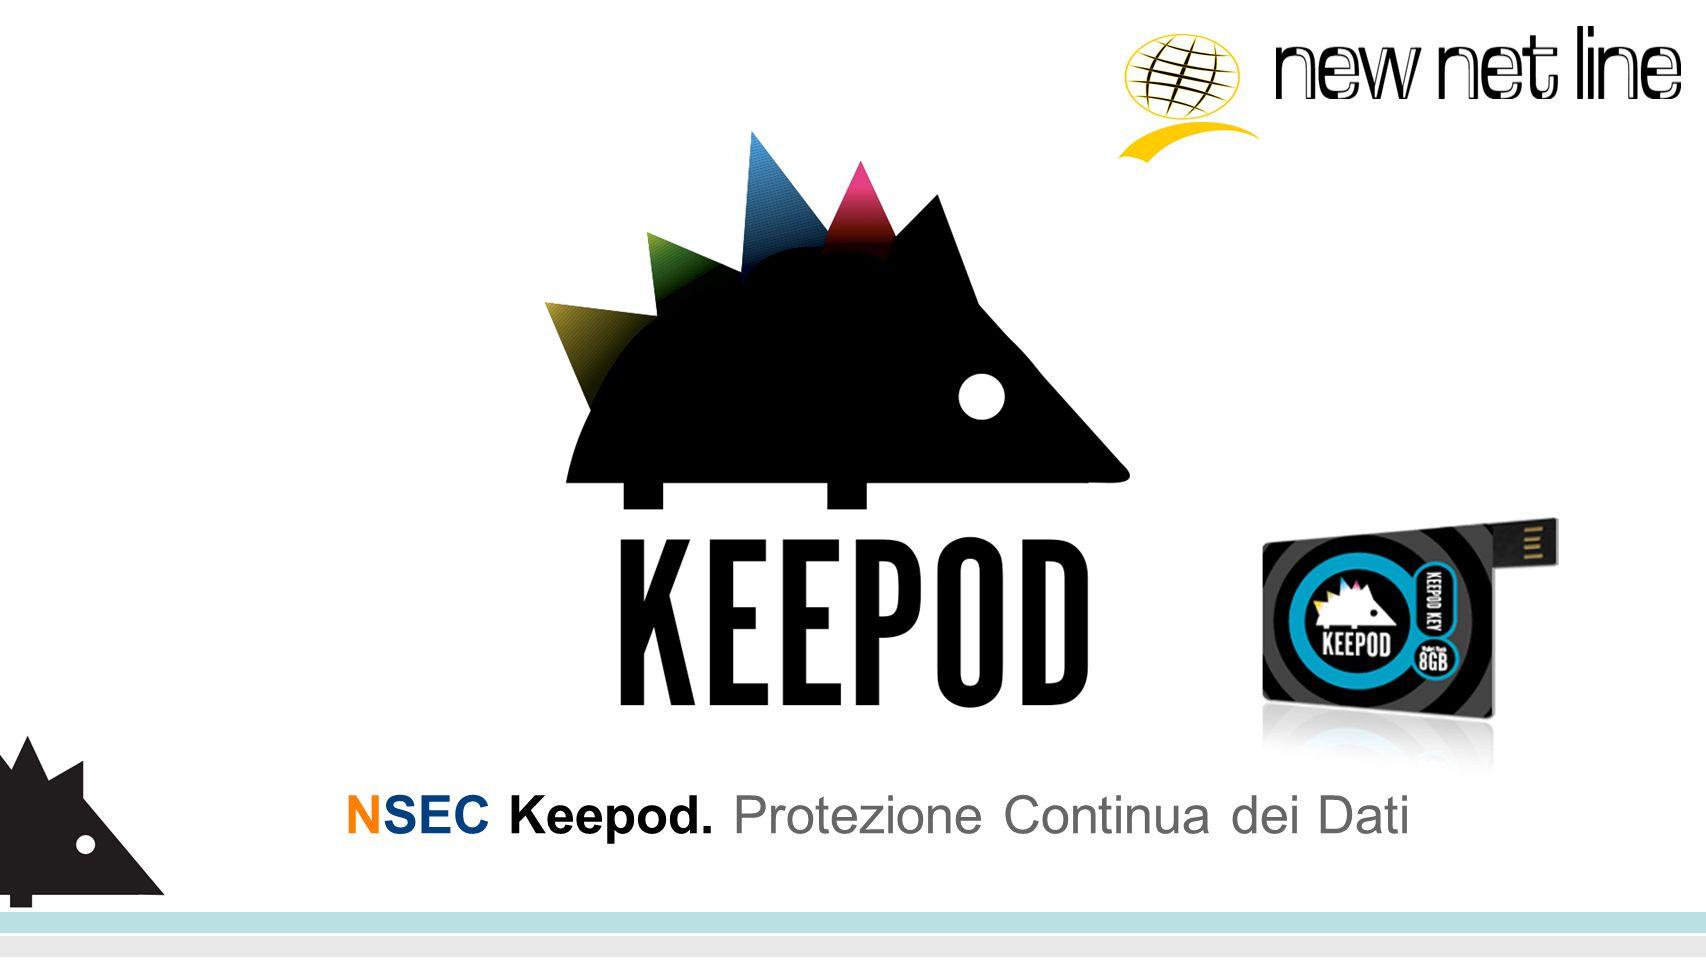 NSEC Keepod. Protezione Continua dei Dati